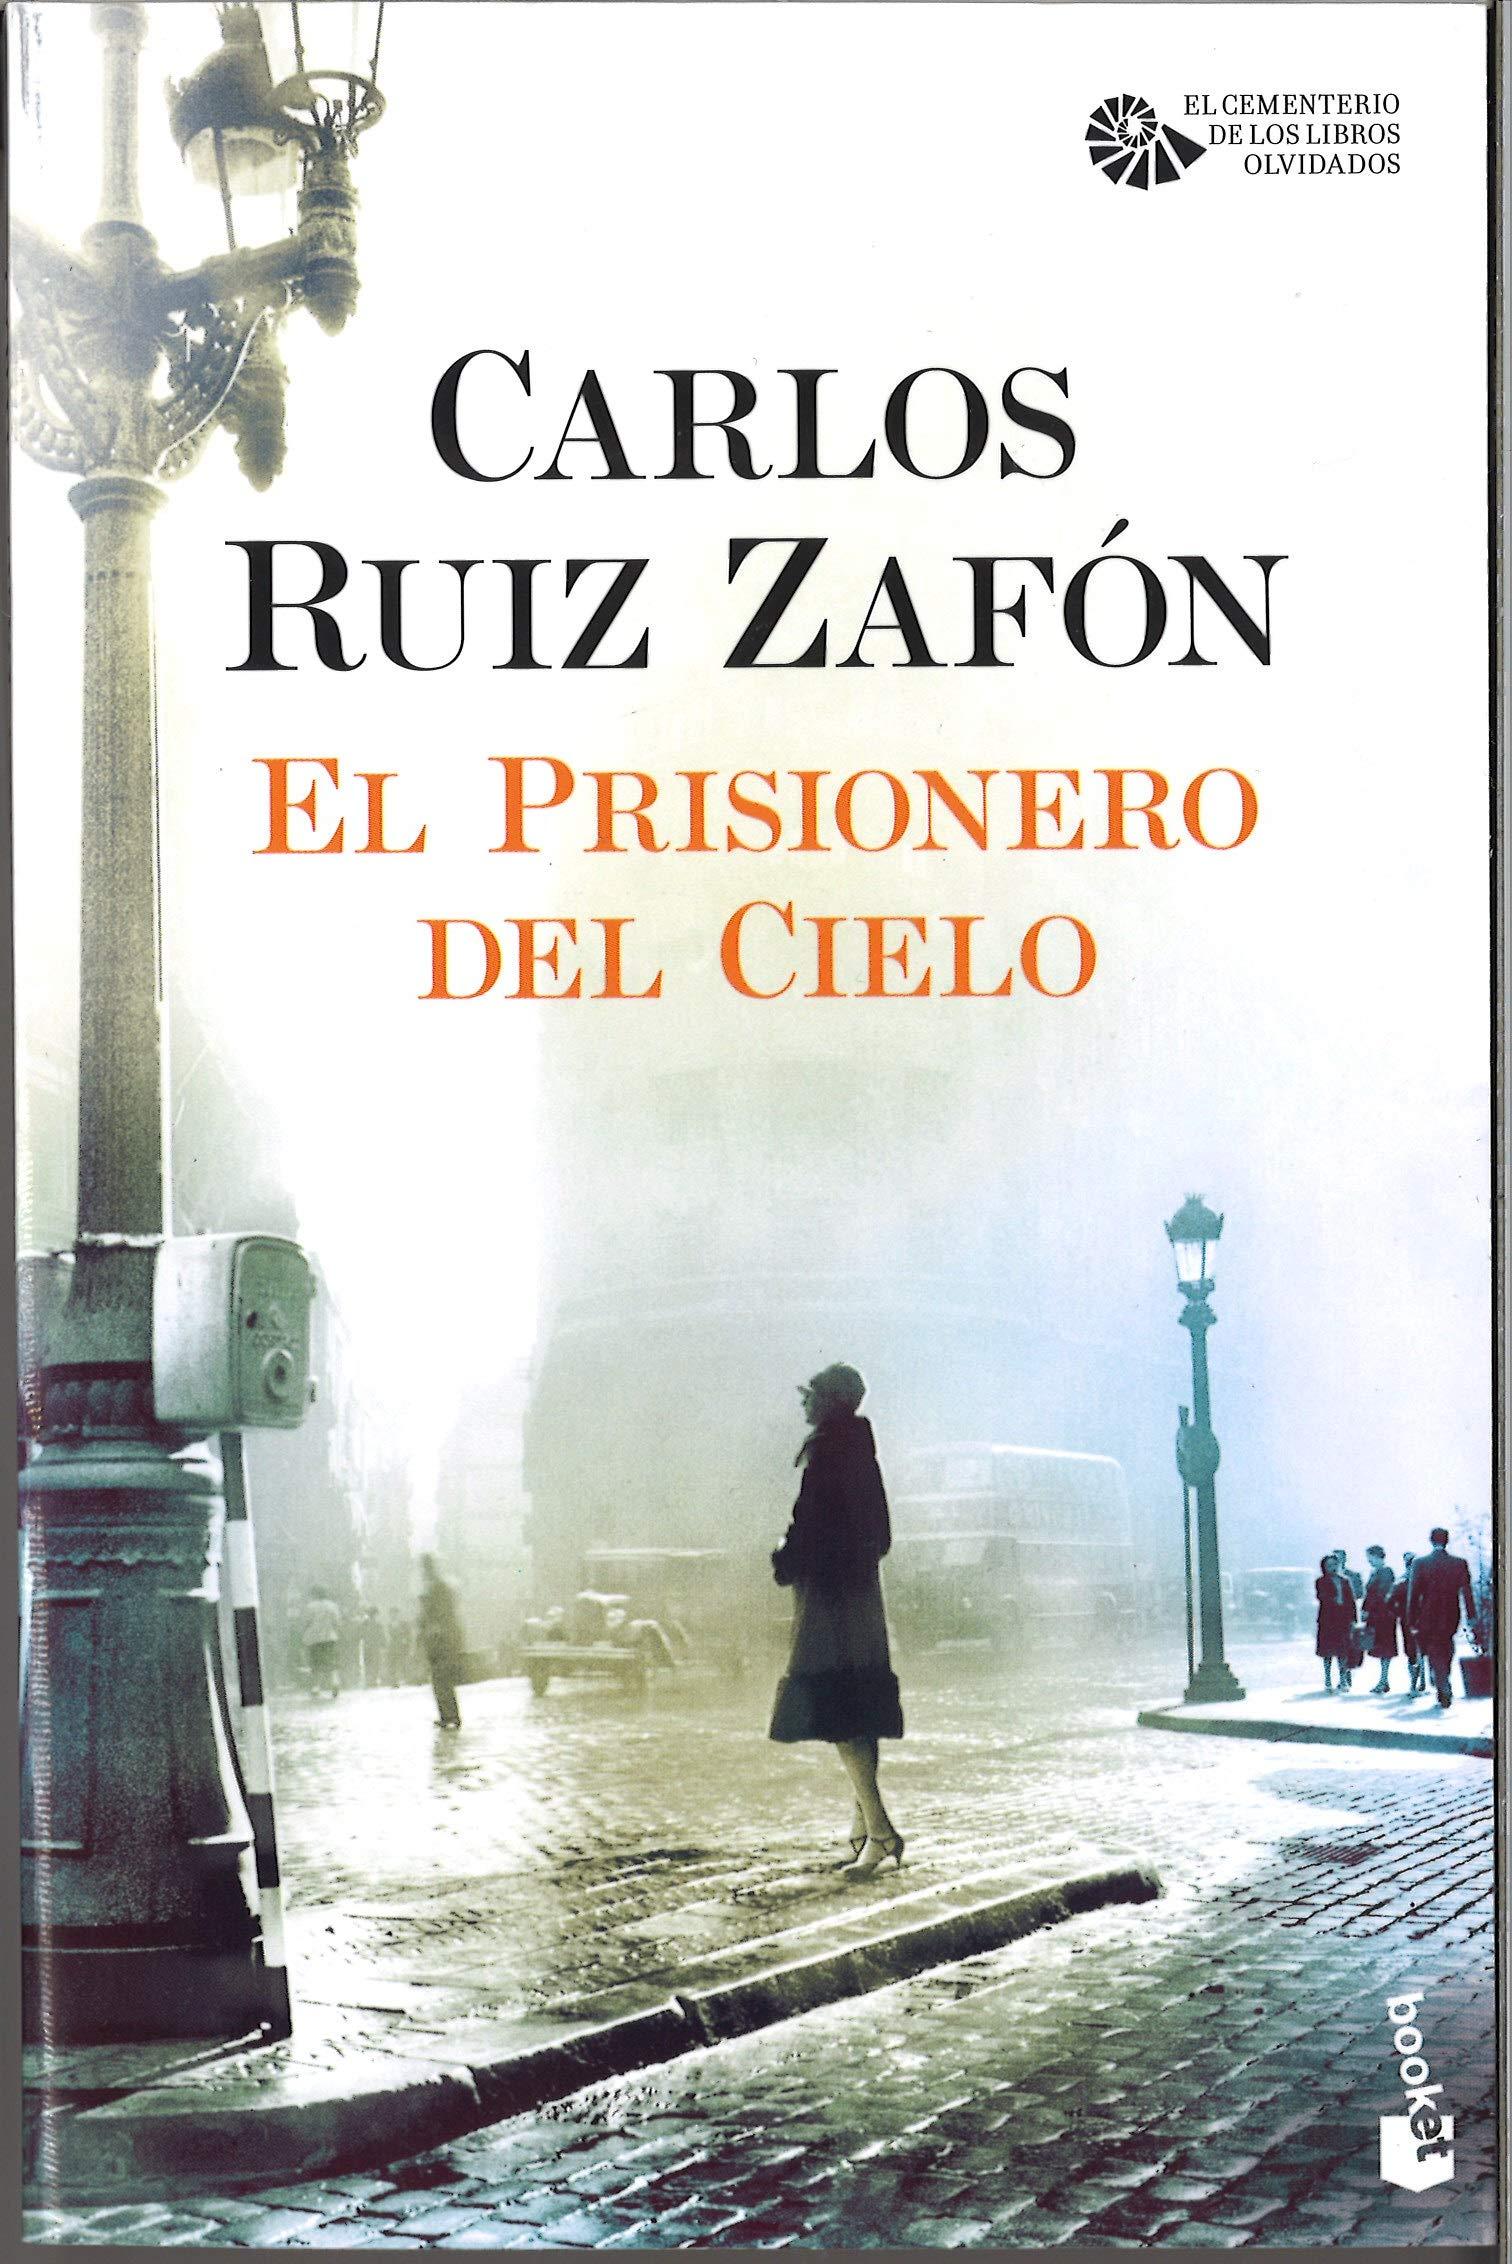 El prisionero del cielo: Amazon.co.uk: Carlos Ruiz Zafón: 9788408163459:  Books